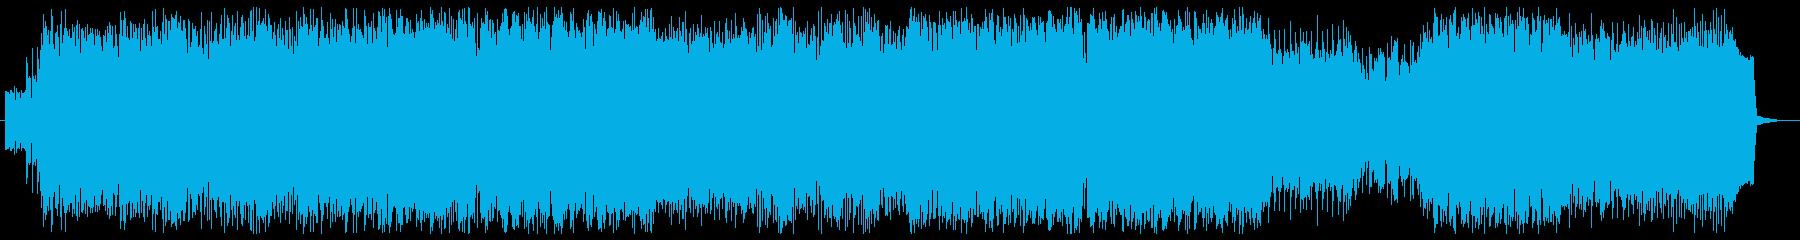 合いの手が入るパーティーロック調の楽曲の再生済みの波形